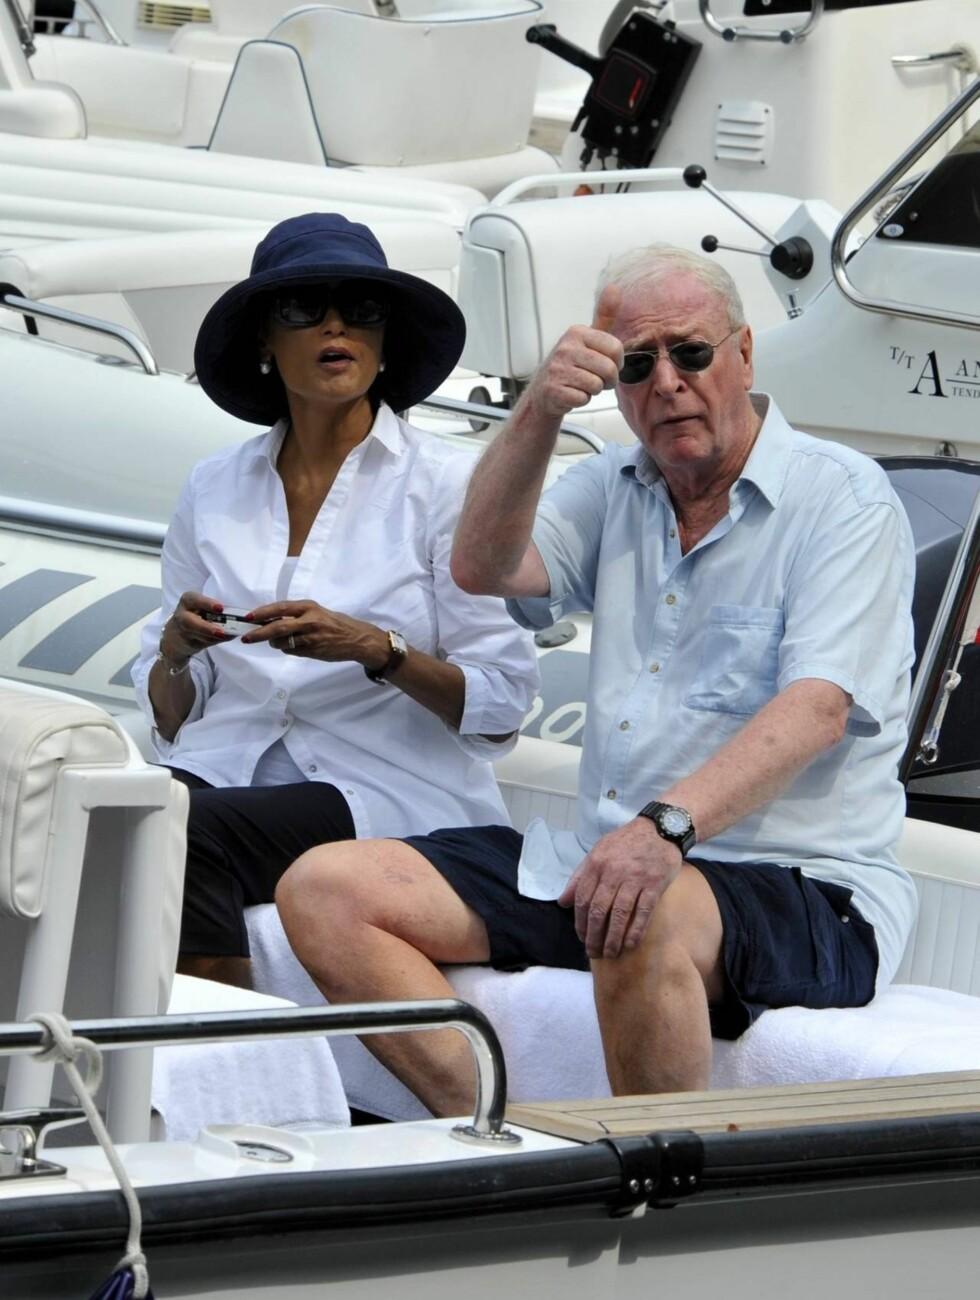 39 ÅR: Neste år har skuespiller-veteranen Michael Caine (79) vært gift med kona Shakira (65) i 40 år. Foto: All Over Press